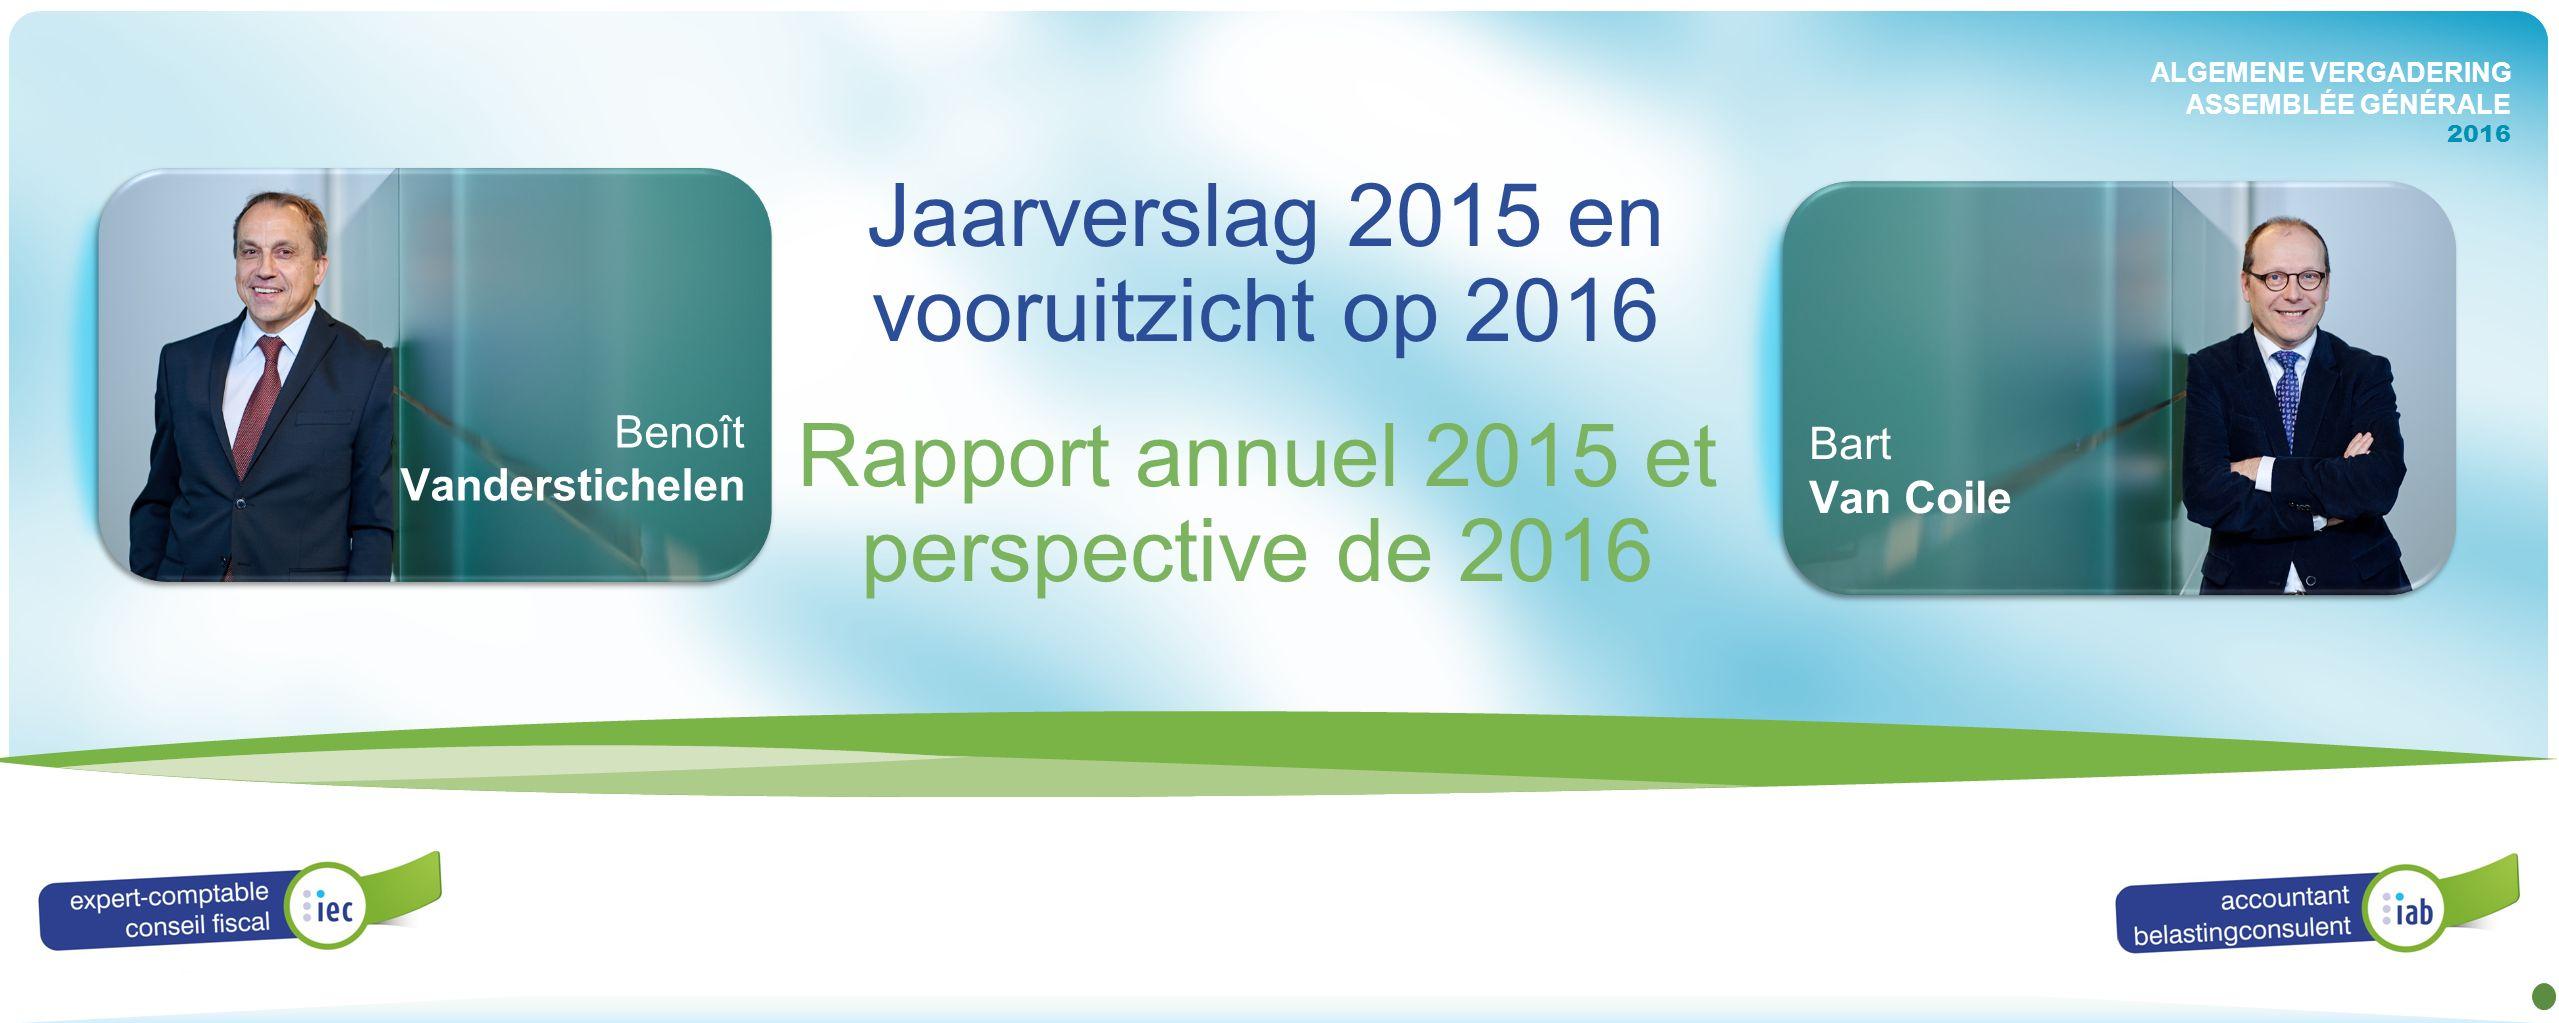 ALGEMENE VERGADERING ASSEMBLÉE GÉNÉRALE 2016 Rapport annuel 2015 et perspective de 2016 Benoît Vanderstichelen Bart Van Coile ALGEMENE VERGADERING ASS